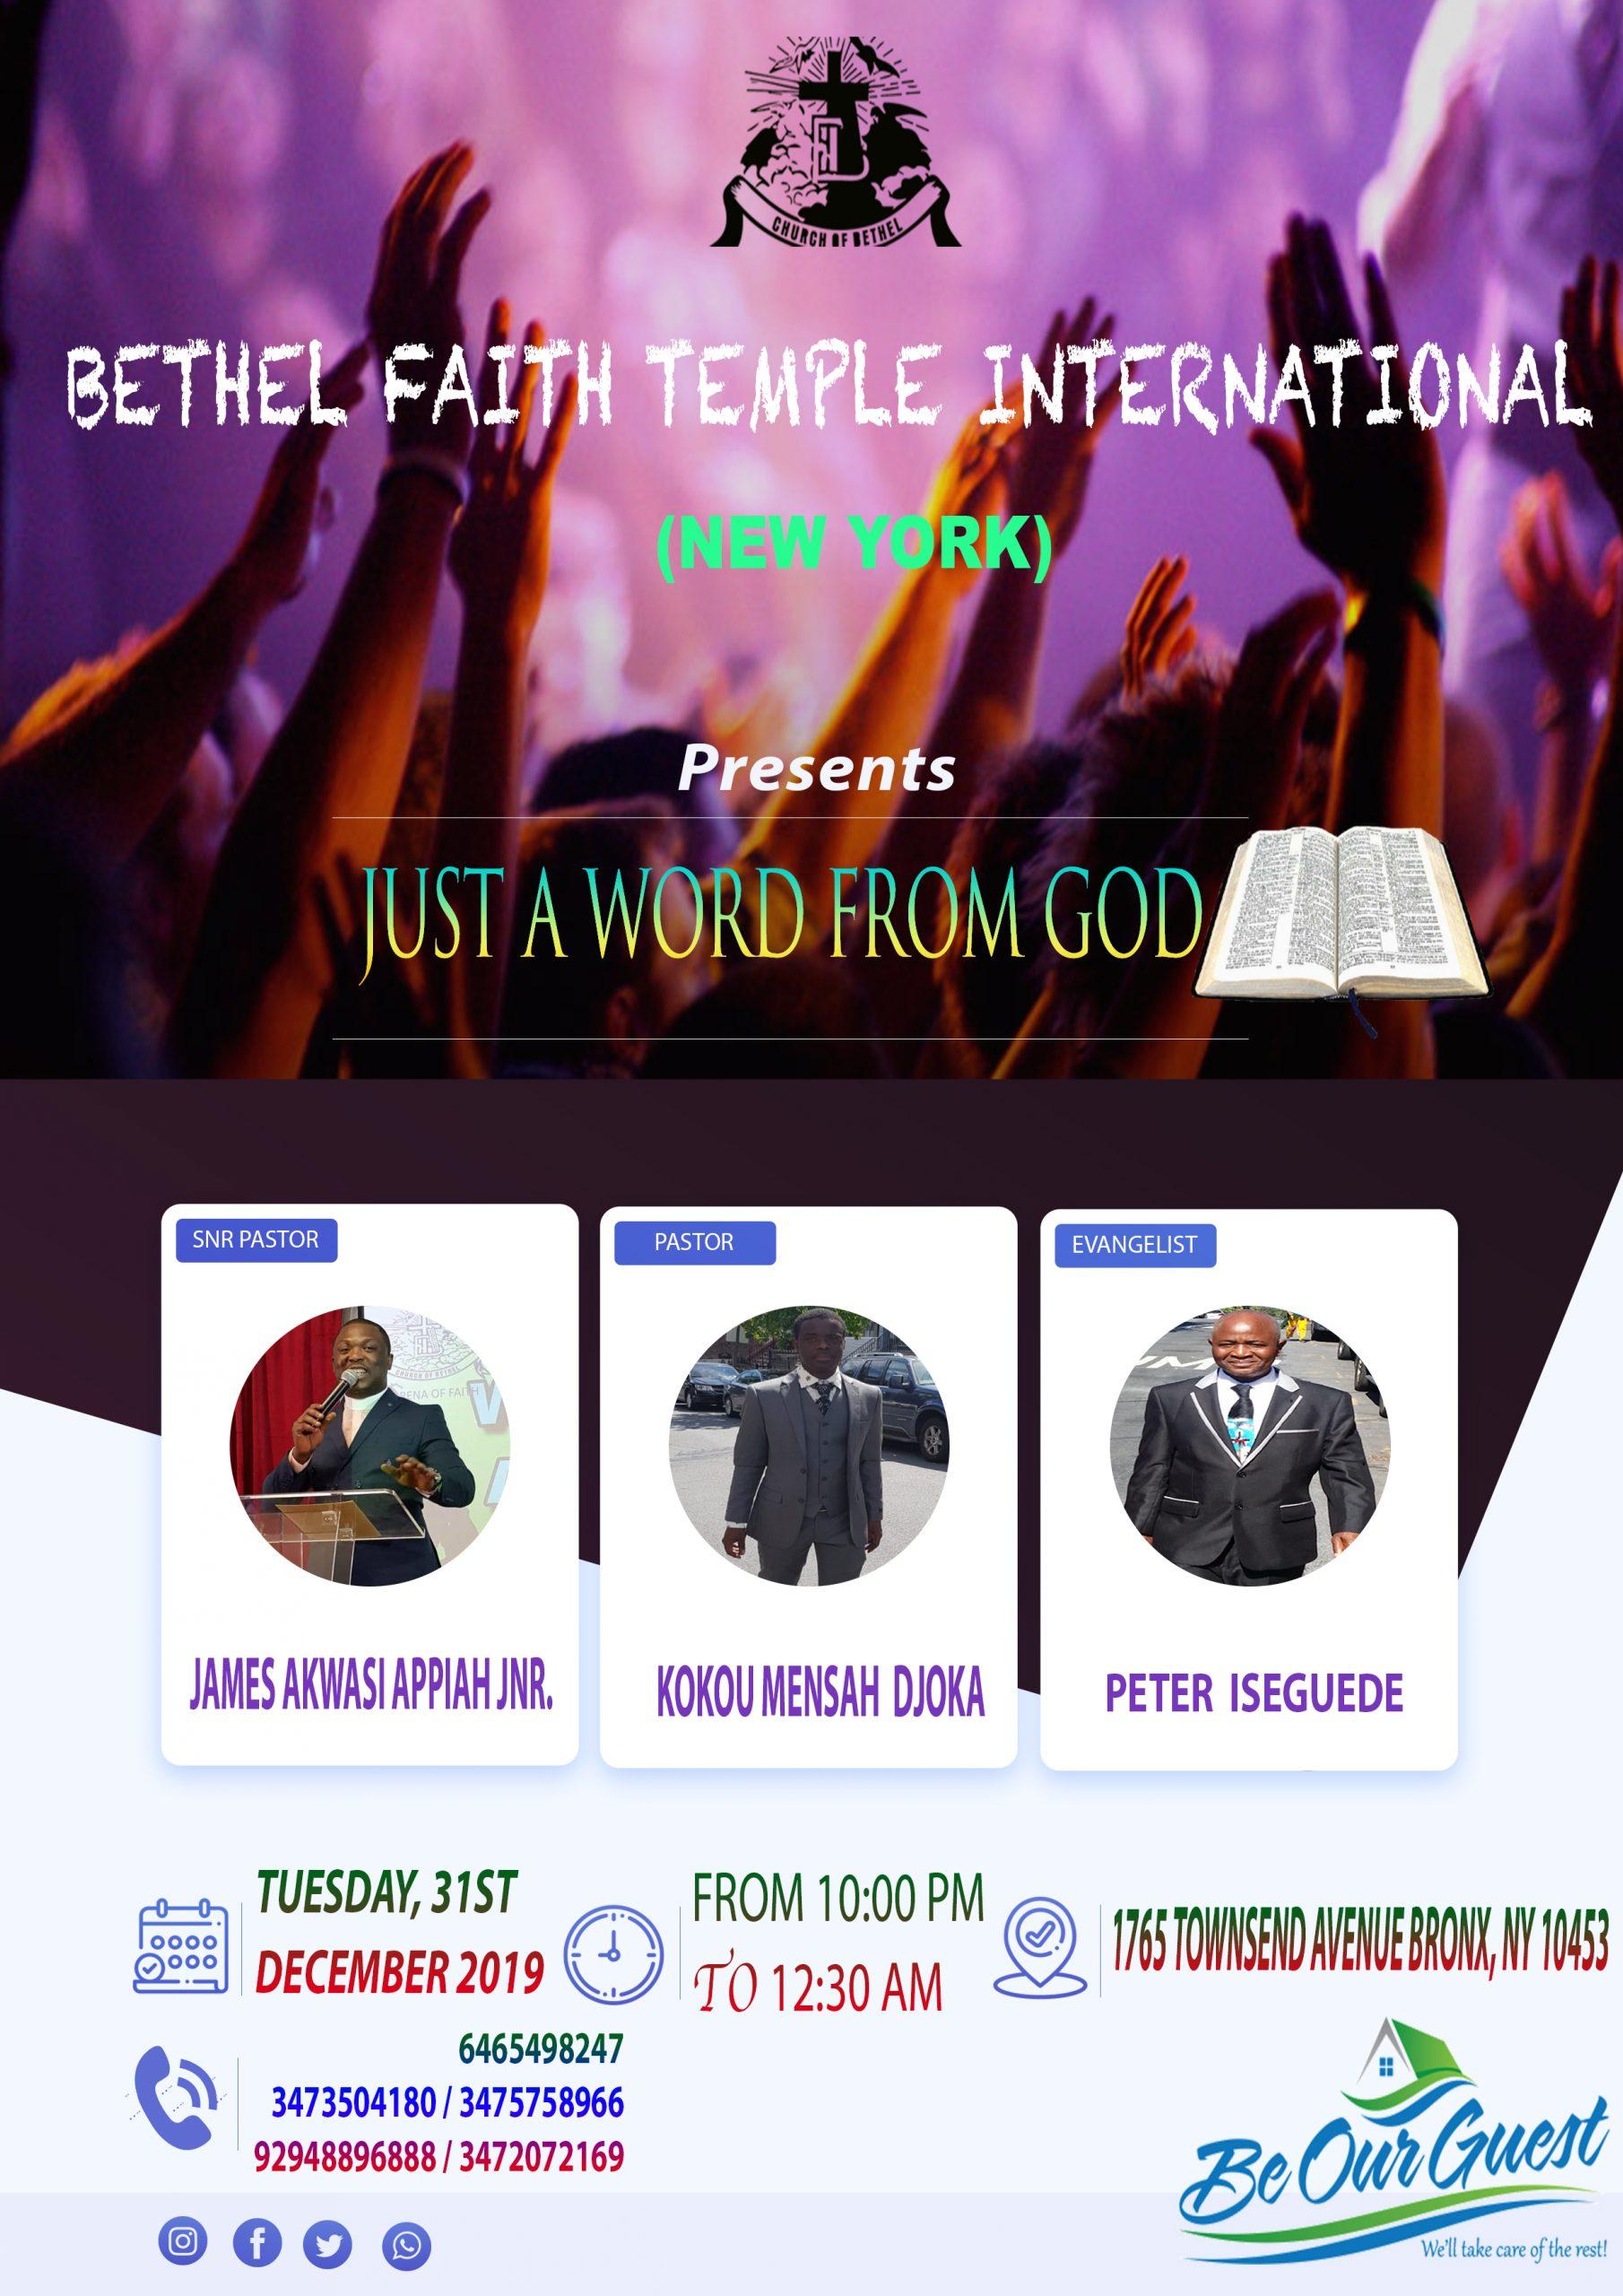 BETHEL FAITH TEMPLE INTERNATIONAL (NEW-YORK)